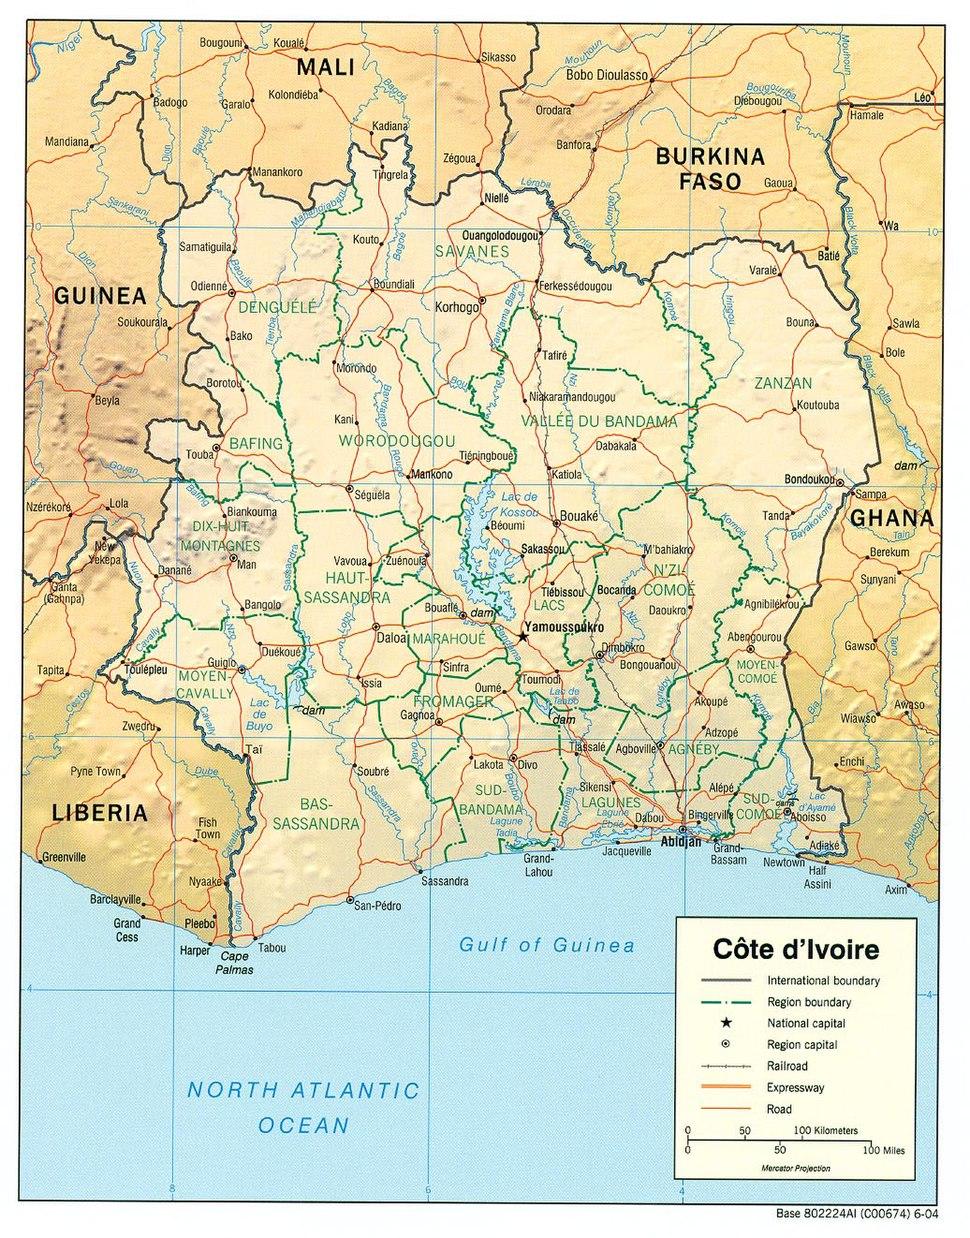 Côte d'Ivoire Map